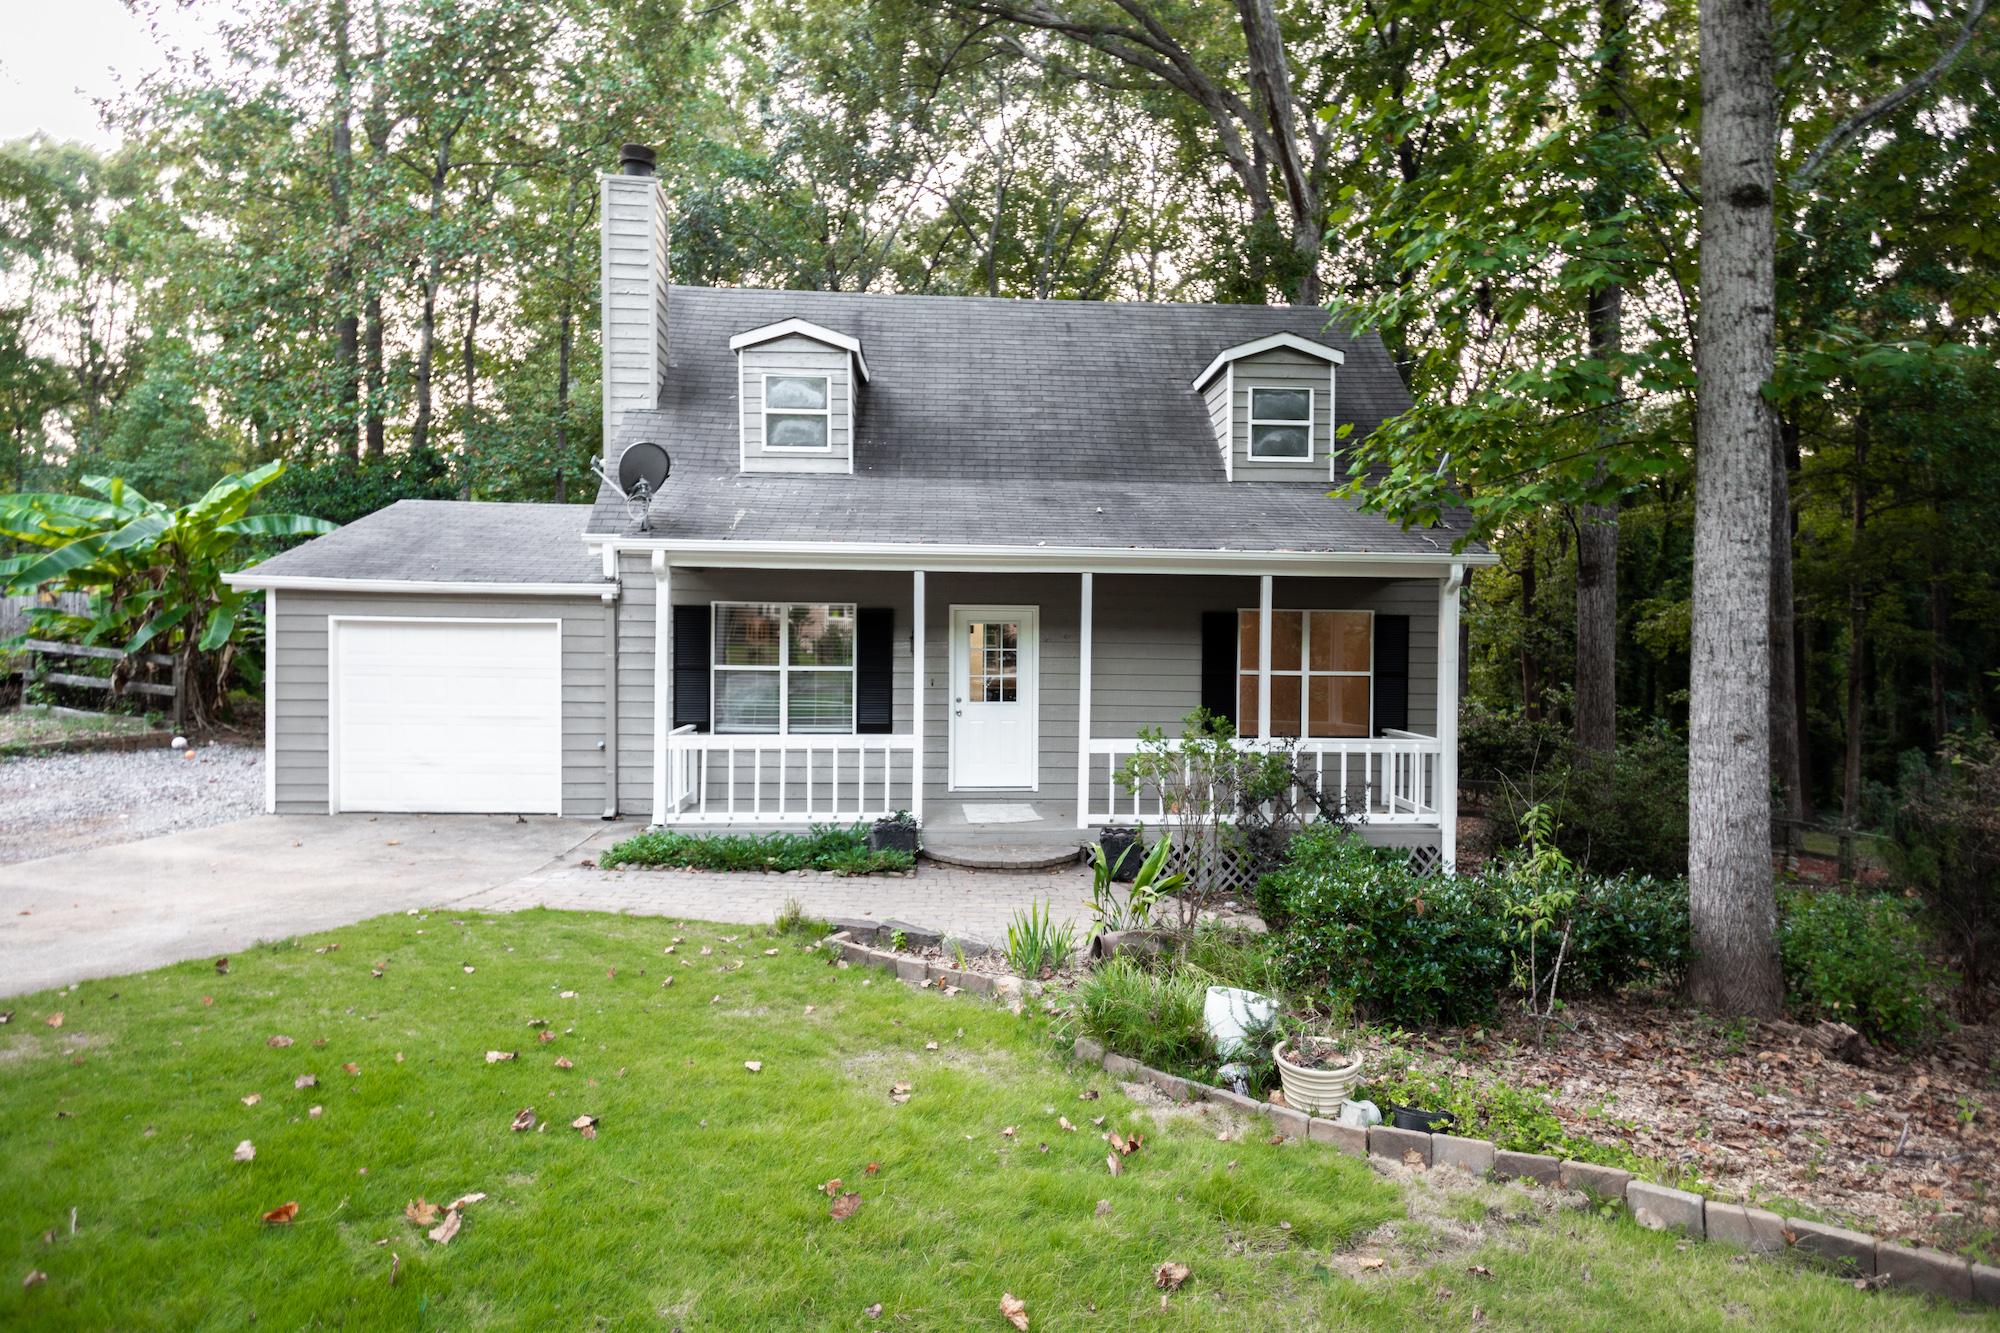 woodstock-home-for-sale.jpg